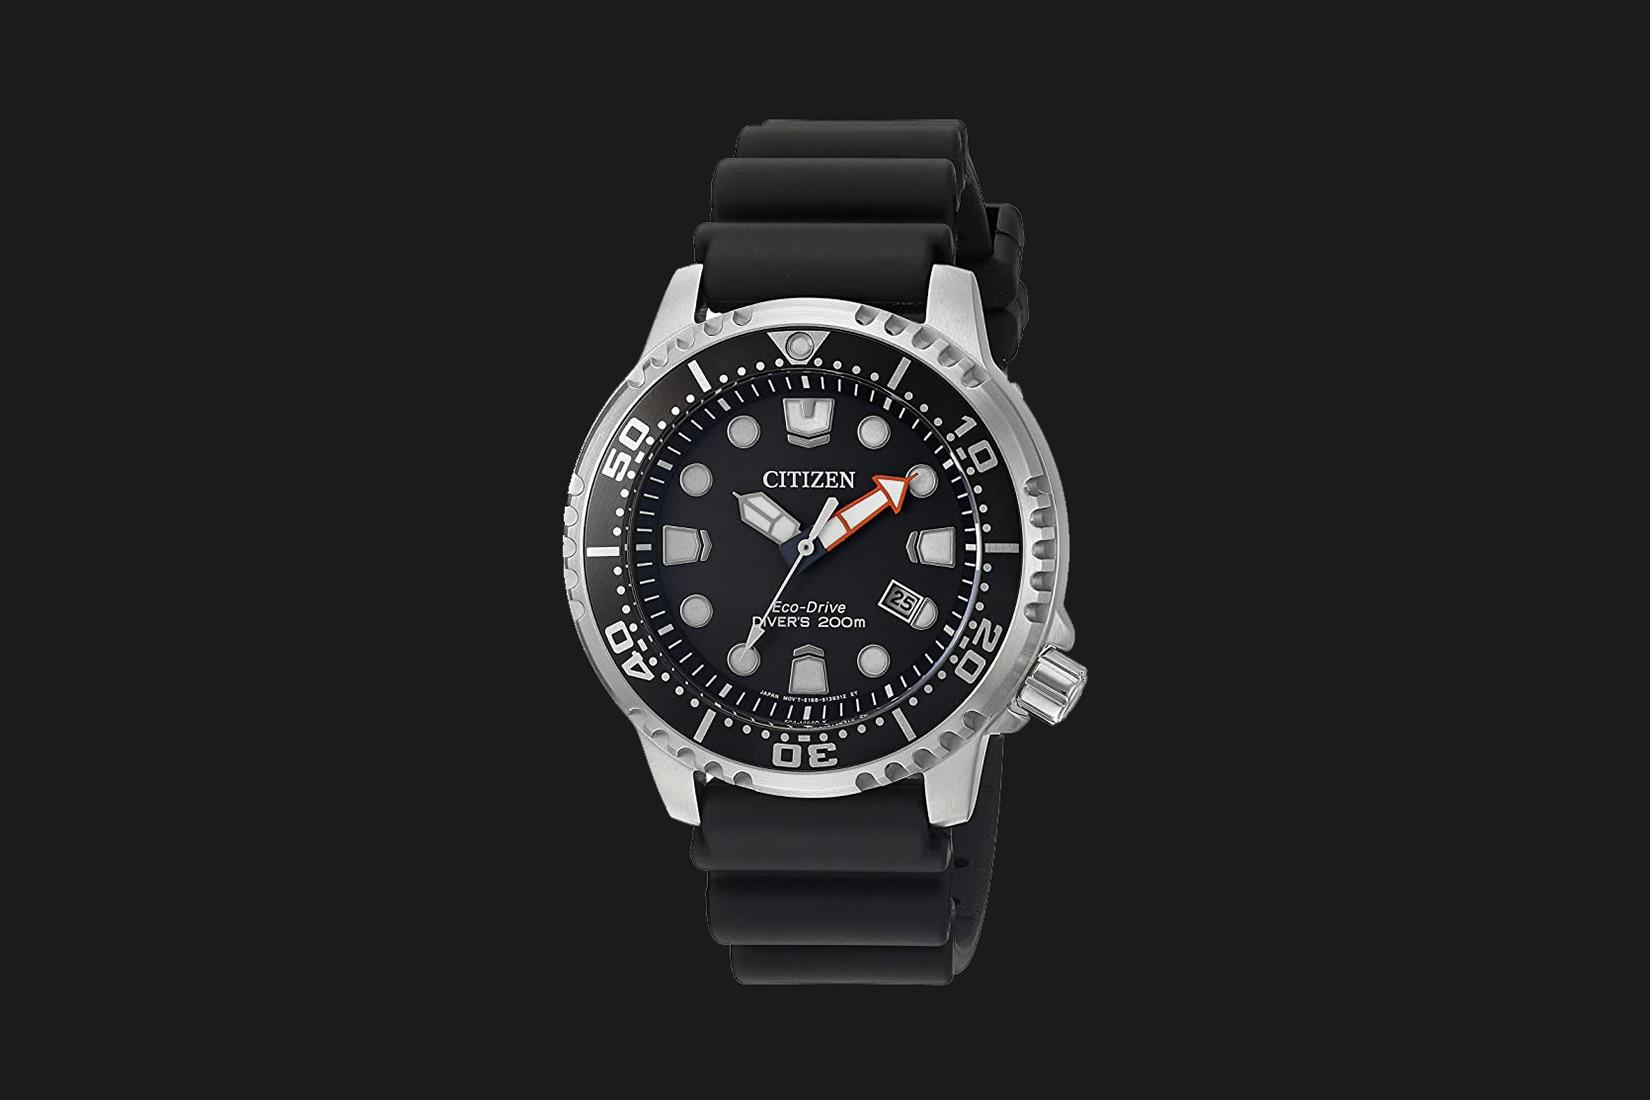 mejor reloj de buceo ciudadano eco-drive promaster - Luxe Digital